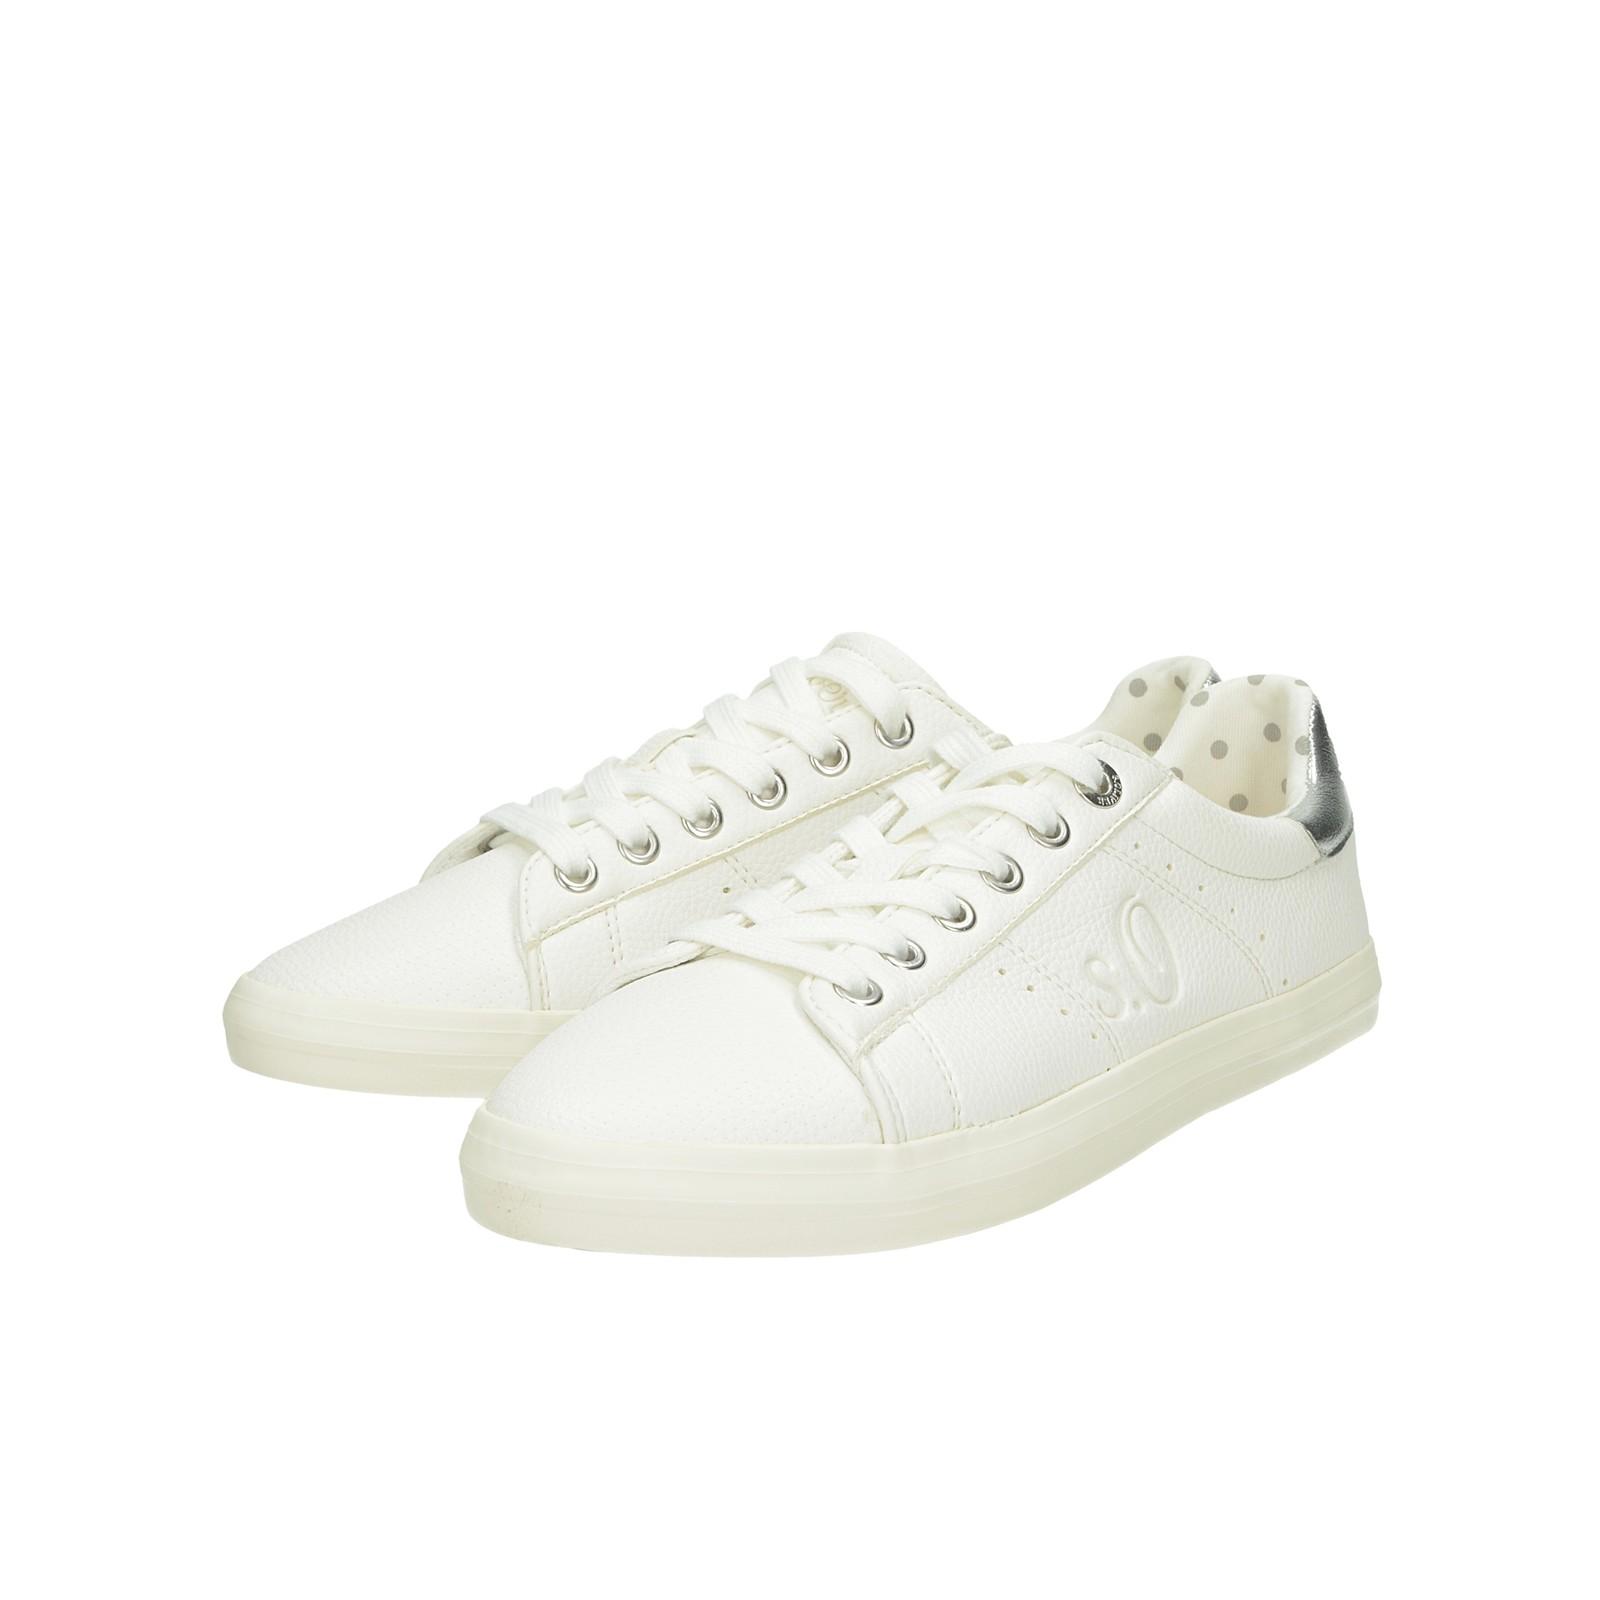 1a61b139262d6 S.Oliver dámske pohodlné tenisky - biele | 2363822-WHT www.robel.sk